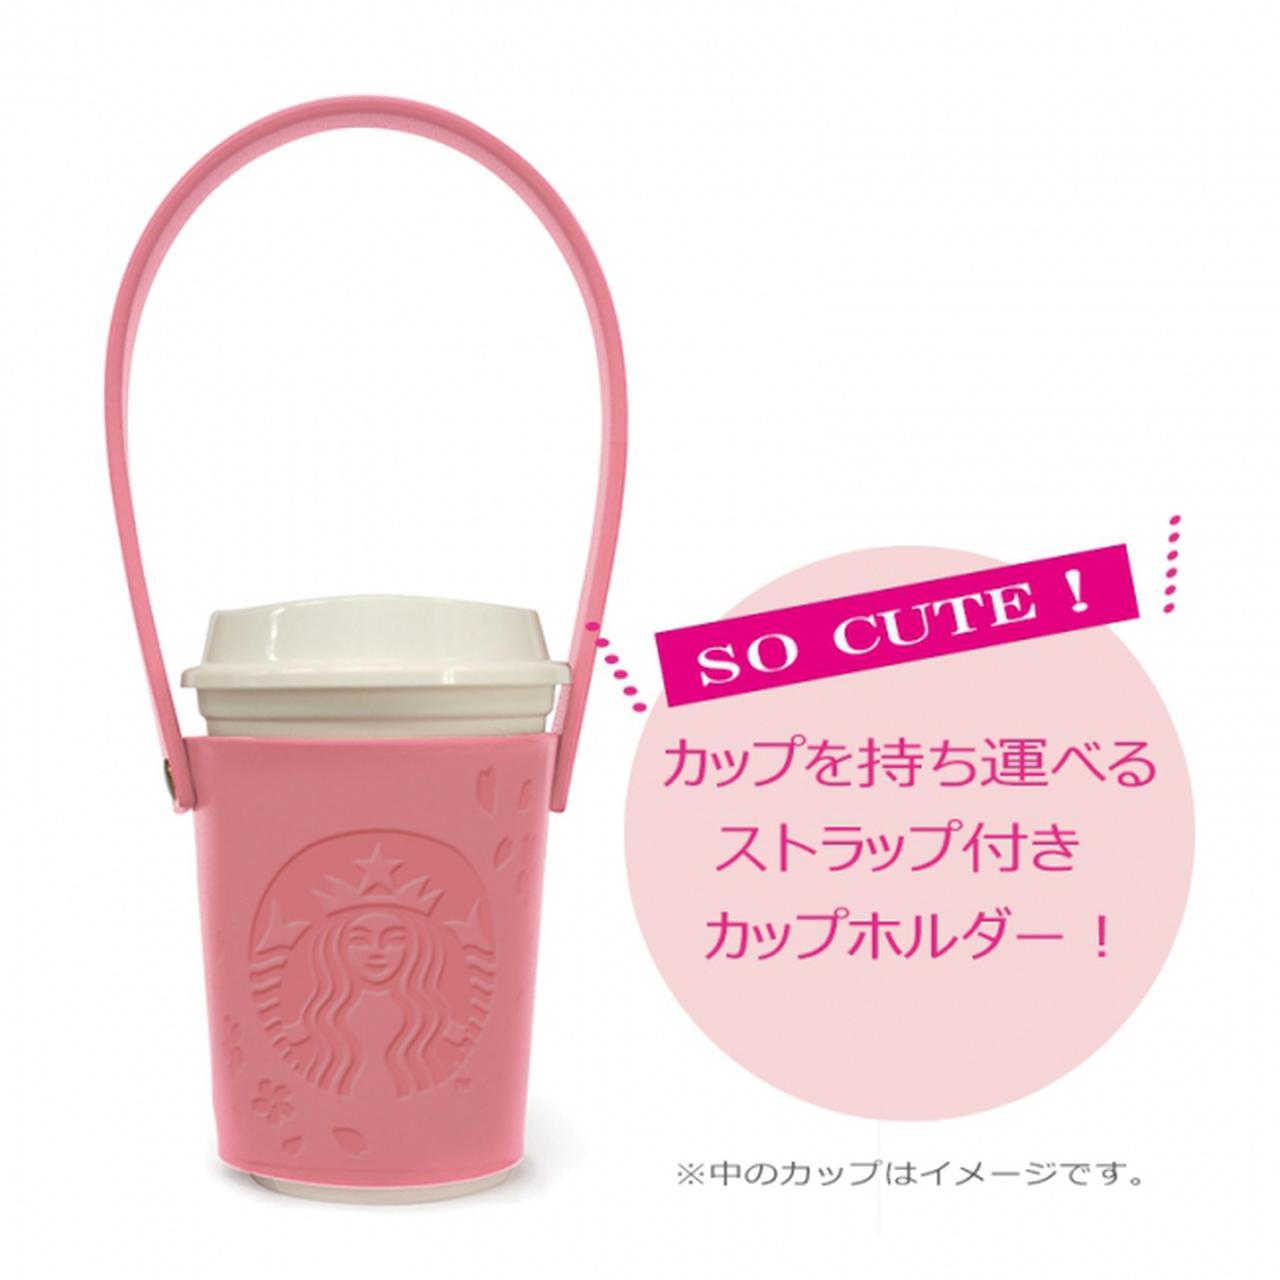 画像2: PLAZA オンラインストア先行予約受付開始!ピンクのカップホルダーとお出かけしよう!